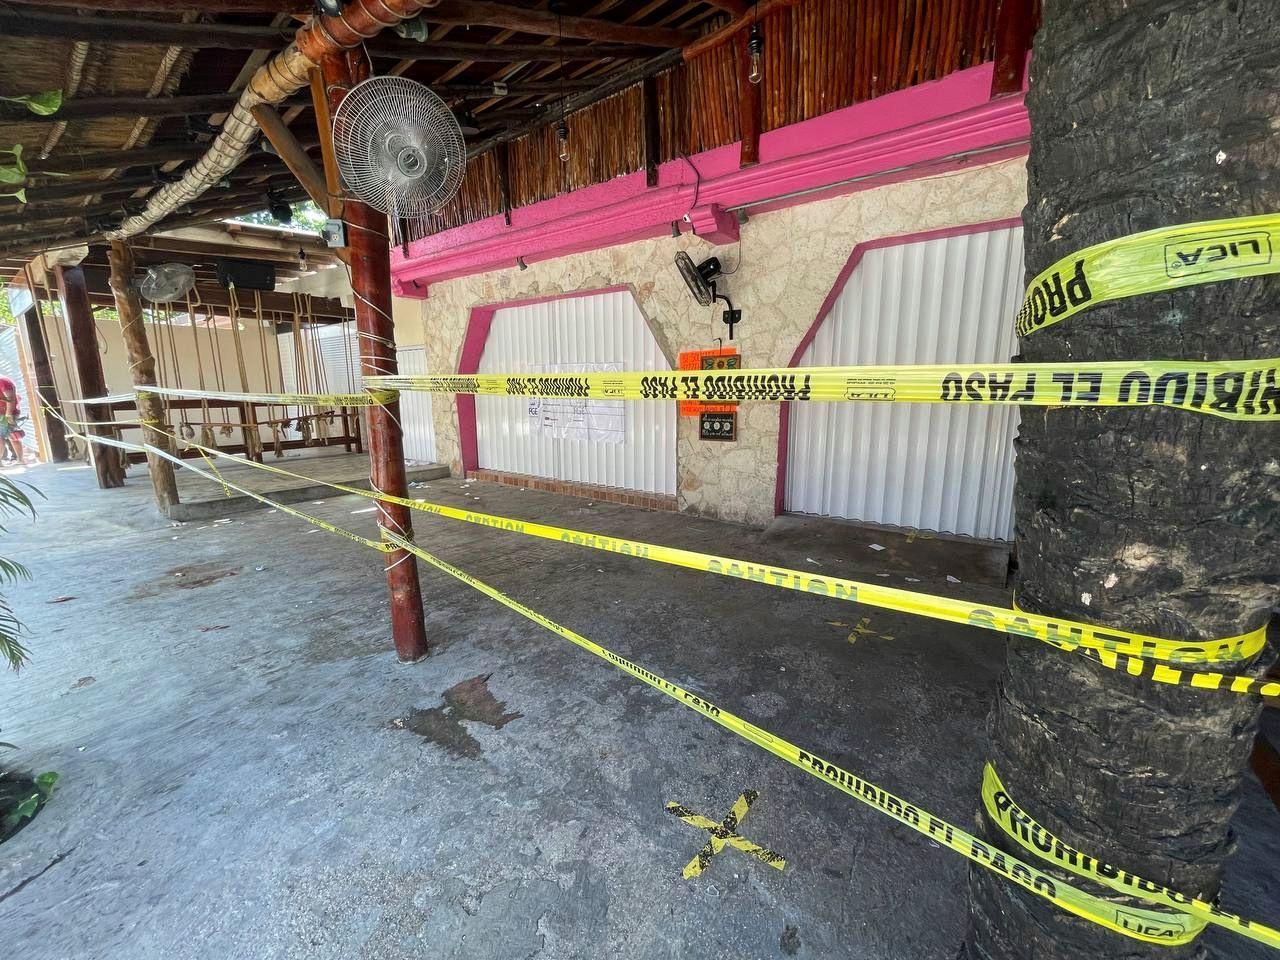 Cinta de seguridad de la policía restringe el acceso a un restaurante el viernes 22 de octubre de 2021, un día después de que dos turistas extranjeras murieran a tiros y tres visitantes más, dos hombres y una mujer, resultaran heridos en el lugar, en Tulum, México.